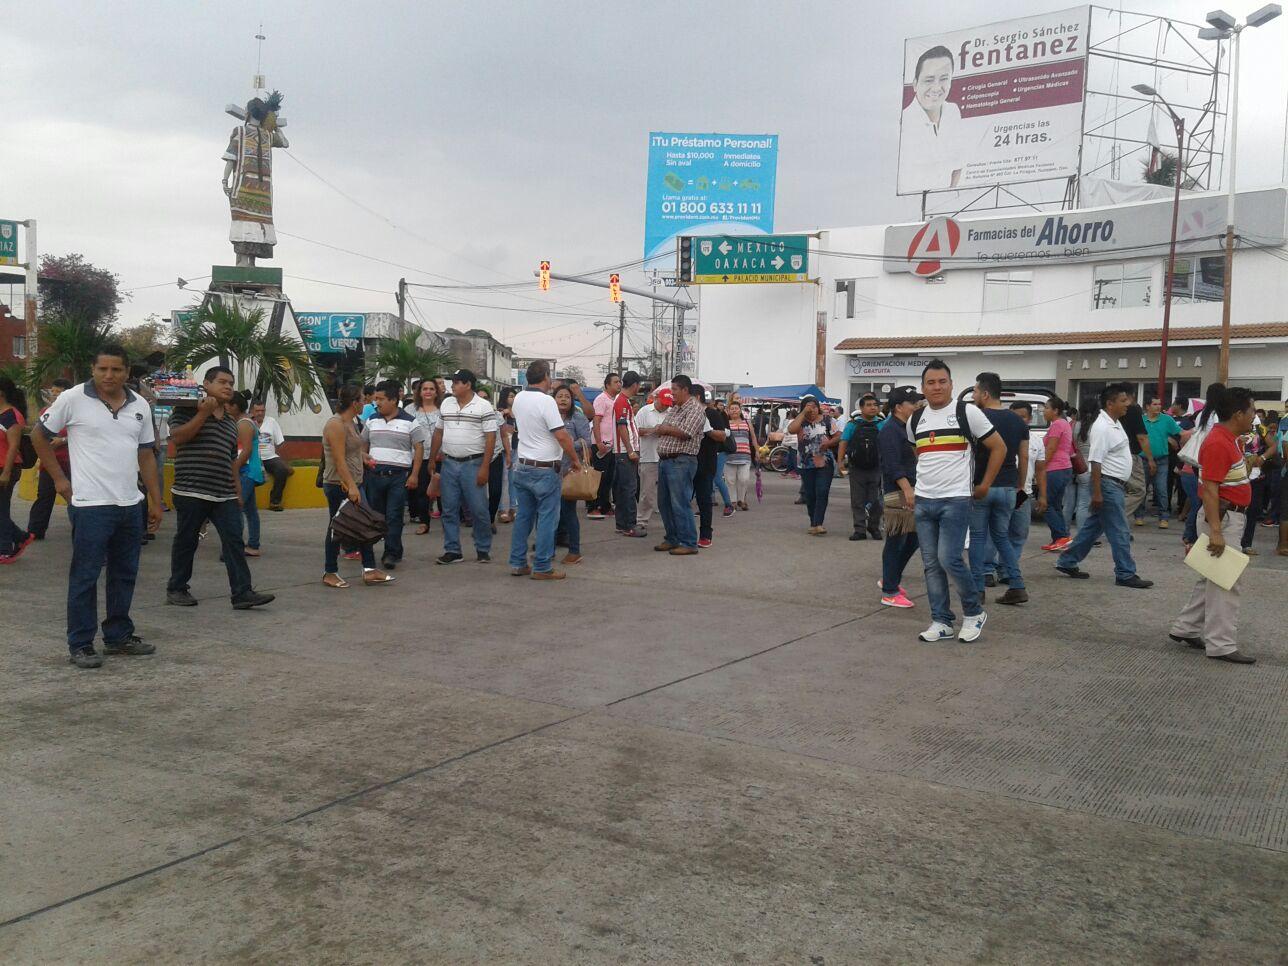 No al aumento del transporte publico, exigen en Tuxtepec | El Imparcial de Oaxaca